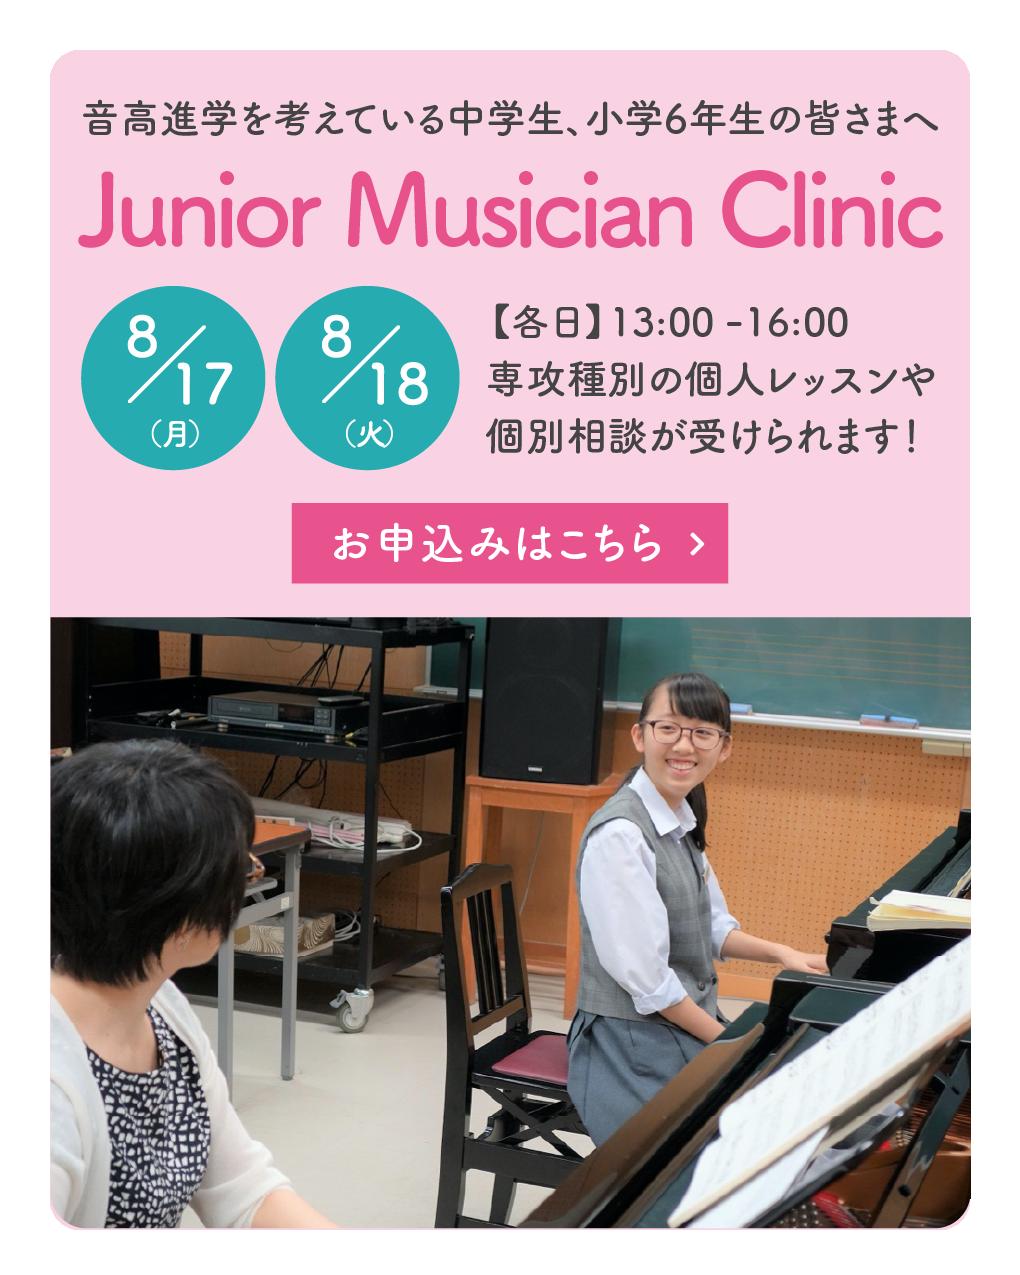 Junior Musician Clinic 8月17日(月)、8月18日(火) 専攻種別の個人レッスンや個別相談が受けられます!